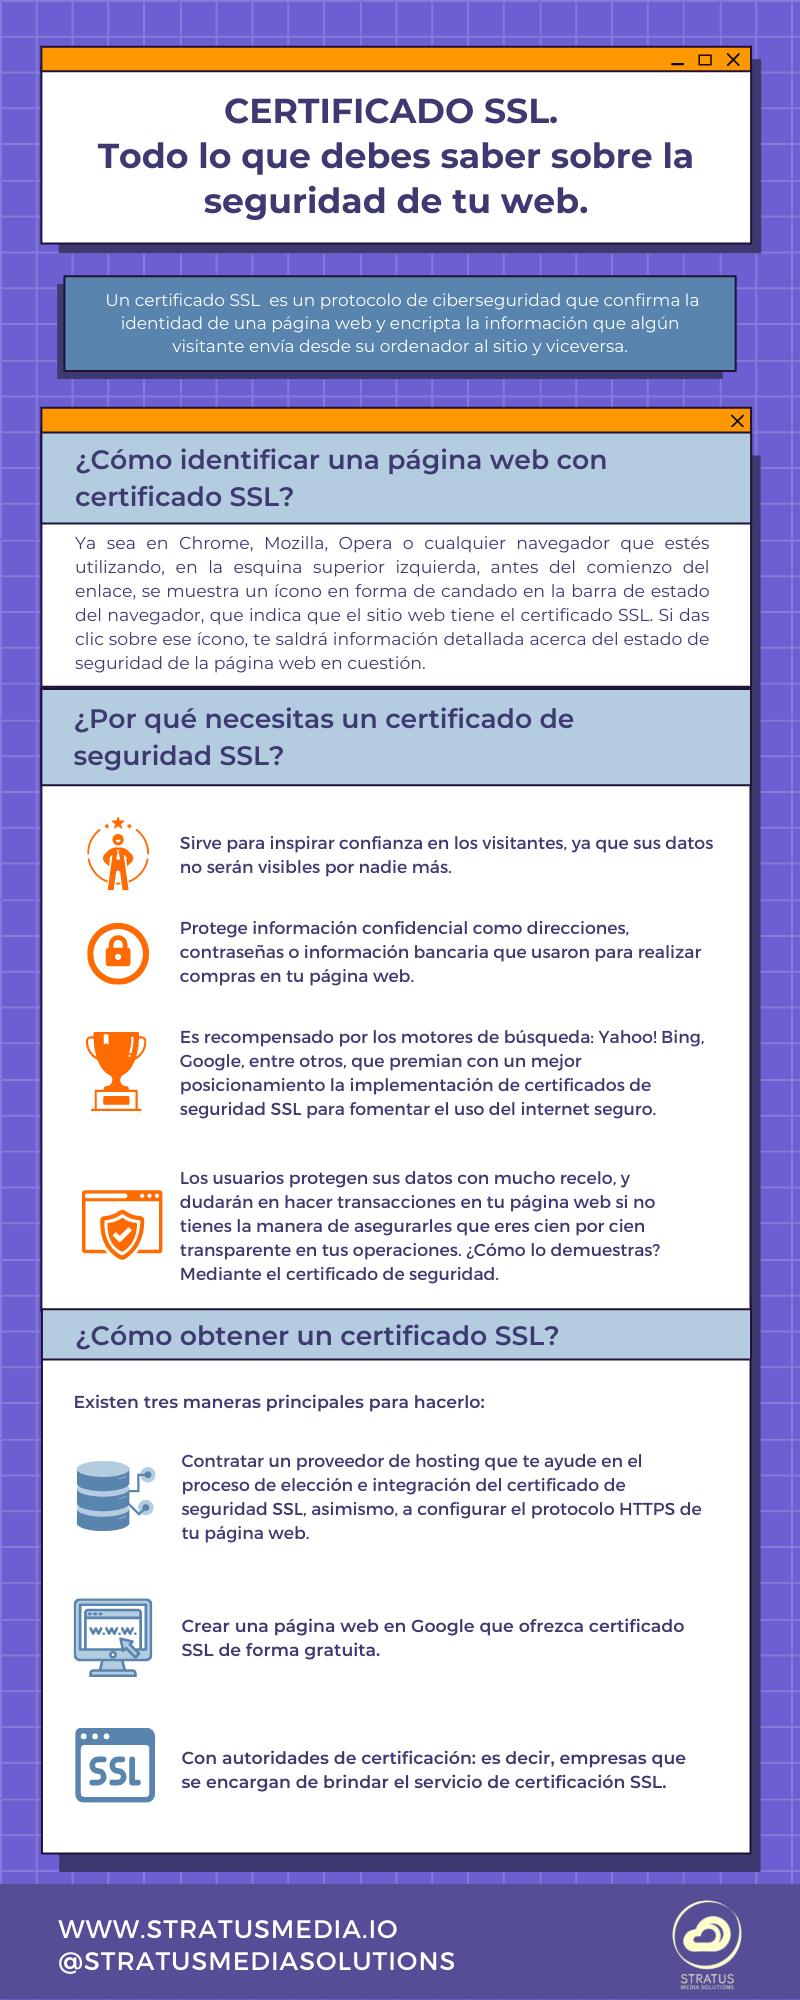 Certificado ssl infografía